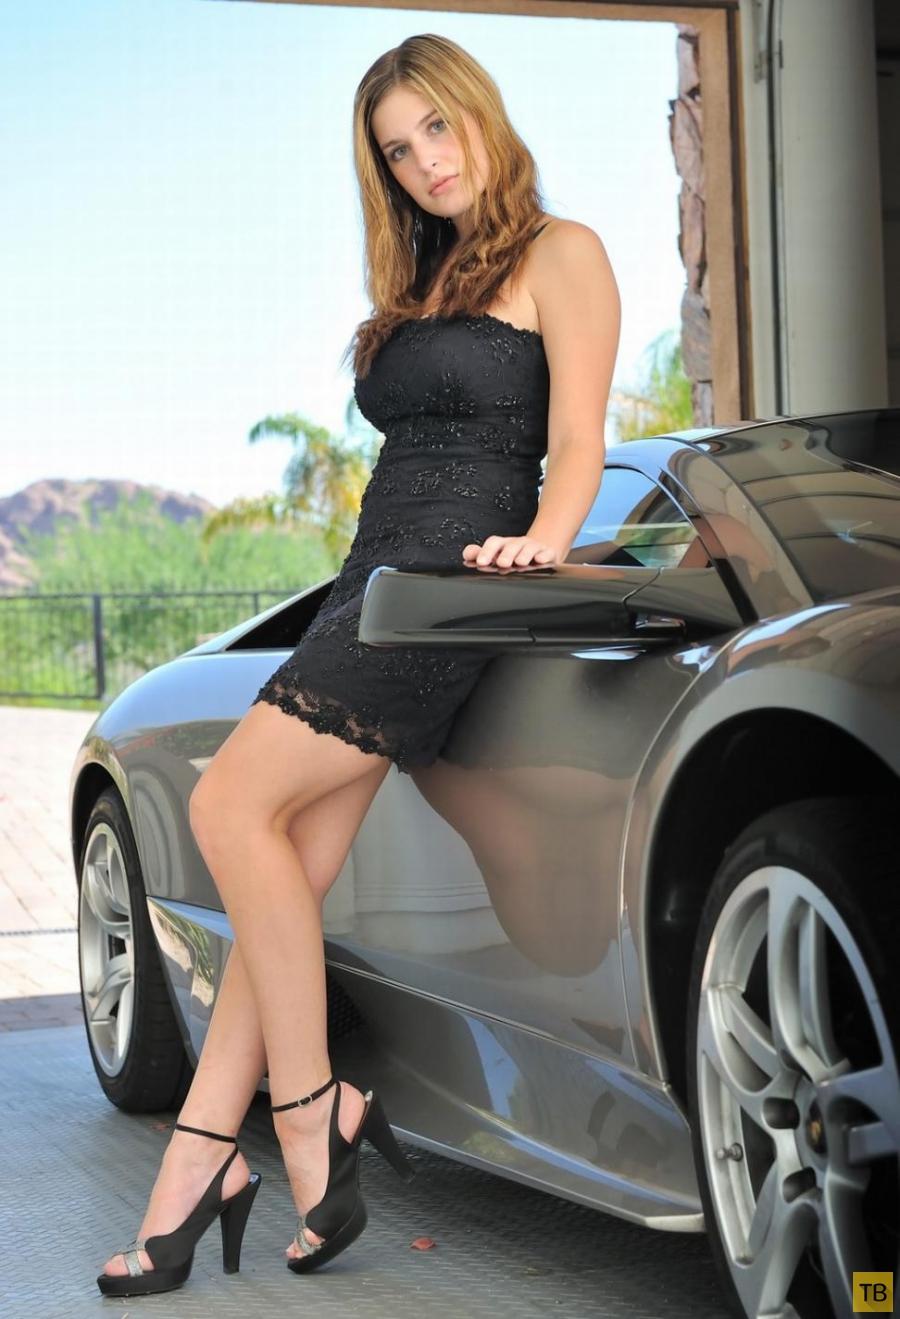 Сисястая красотка у машины (11 фото)